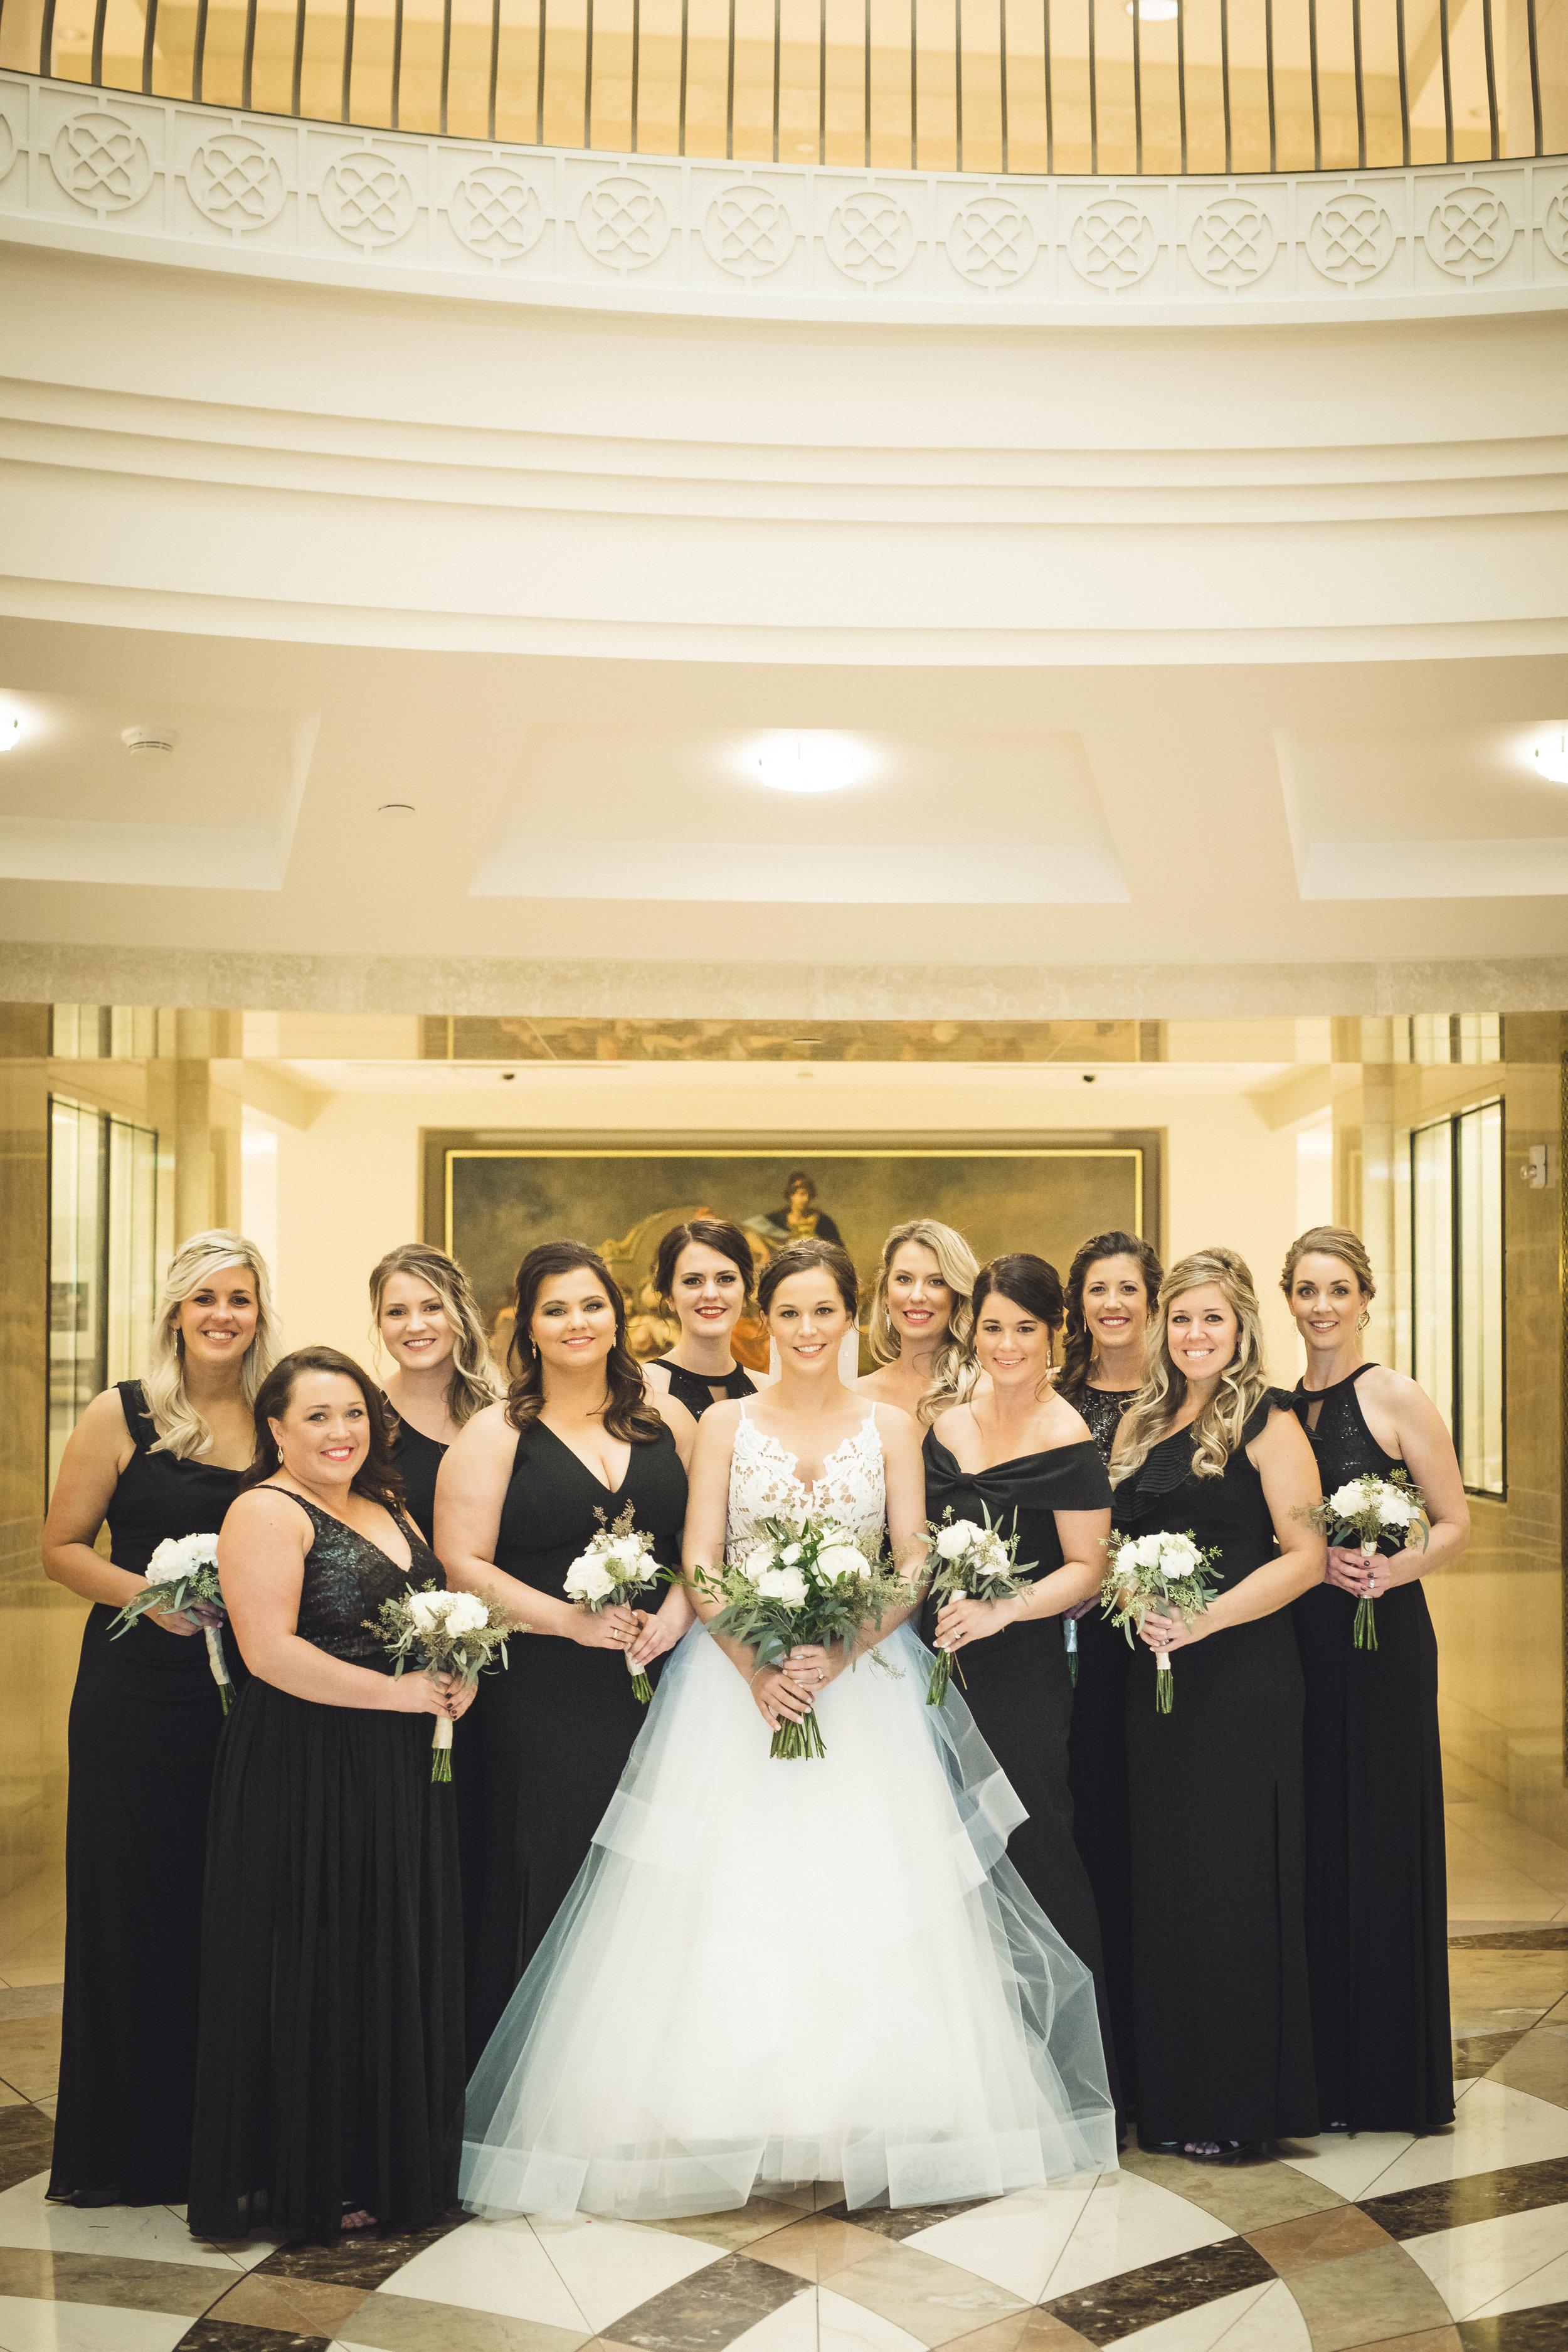 2star_des-moines-wedding-sadie-derek-24.jpg